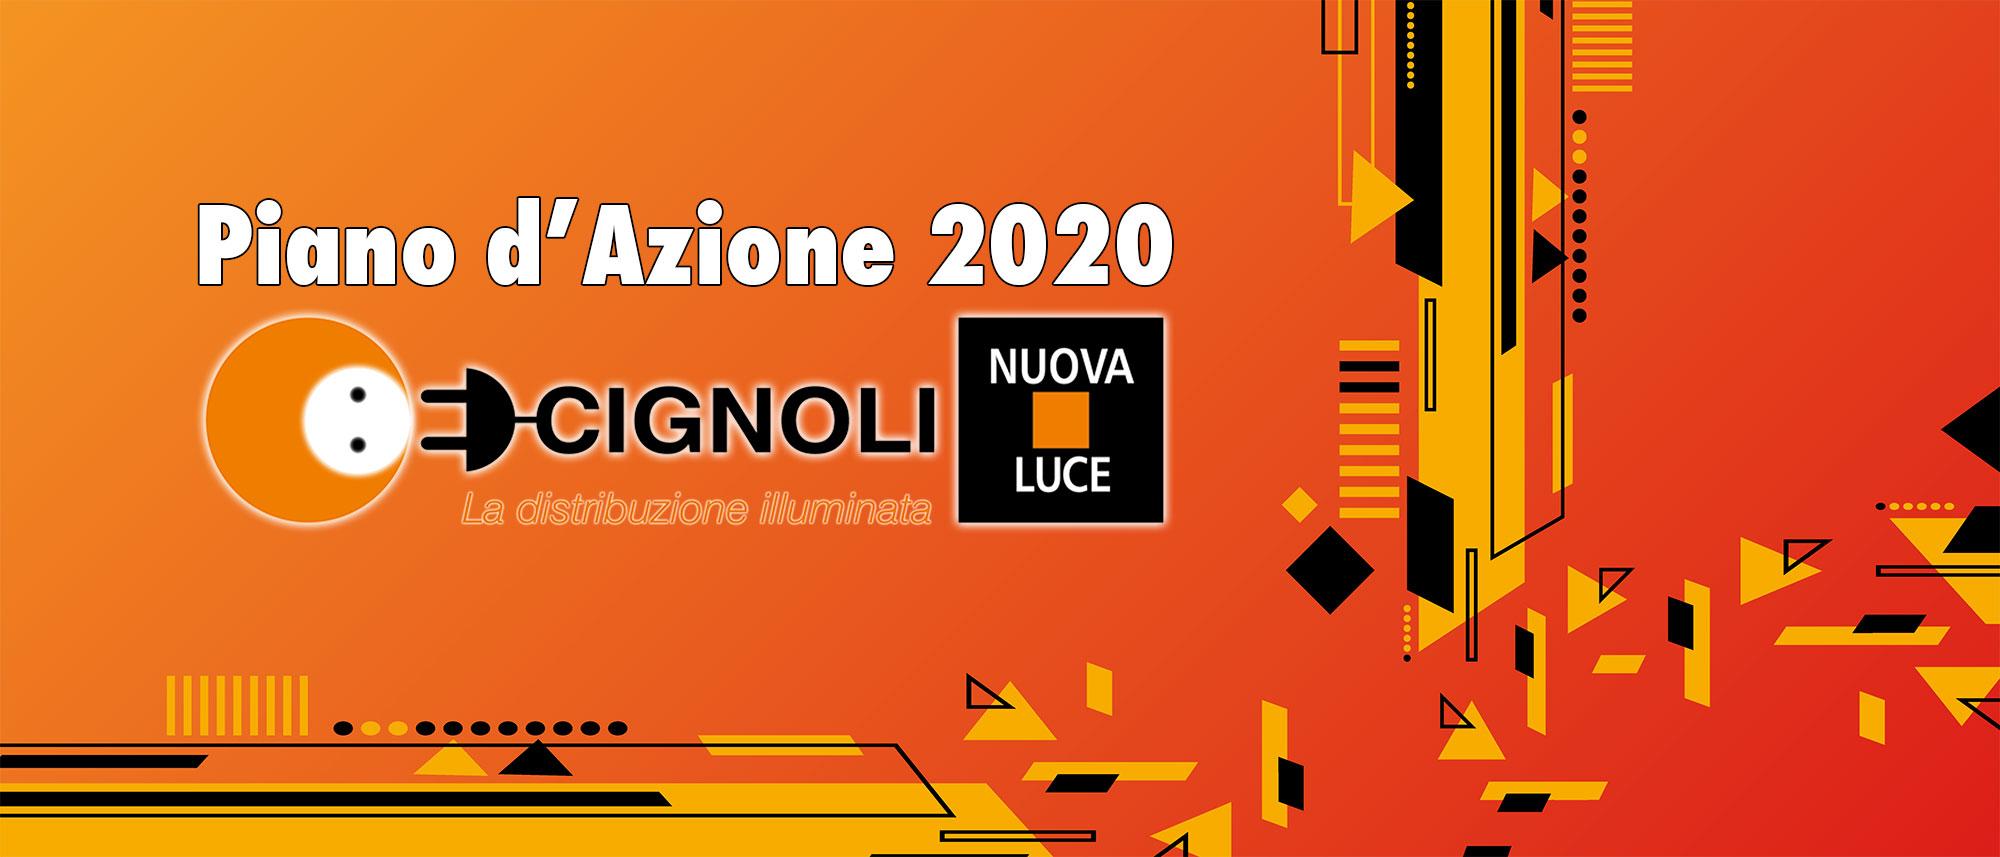 piano azione 2020 cignoli elettroforniture formazione online plc header